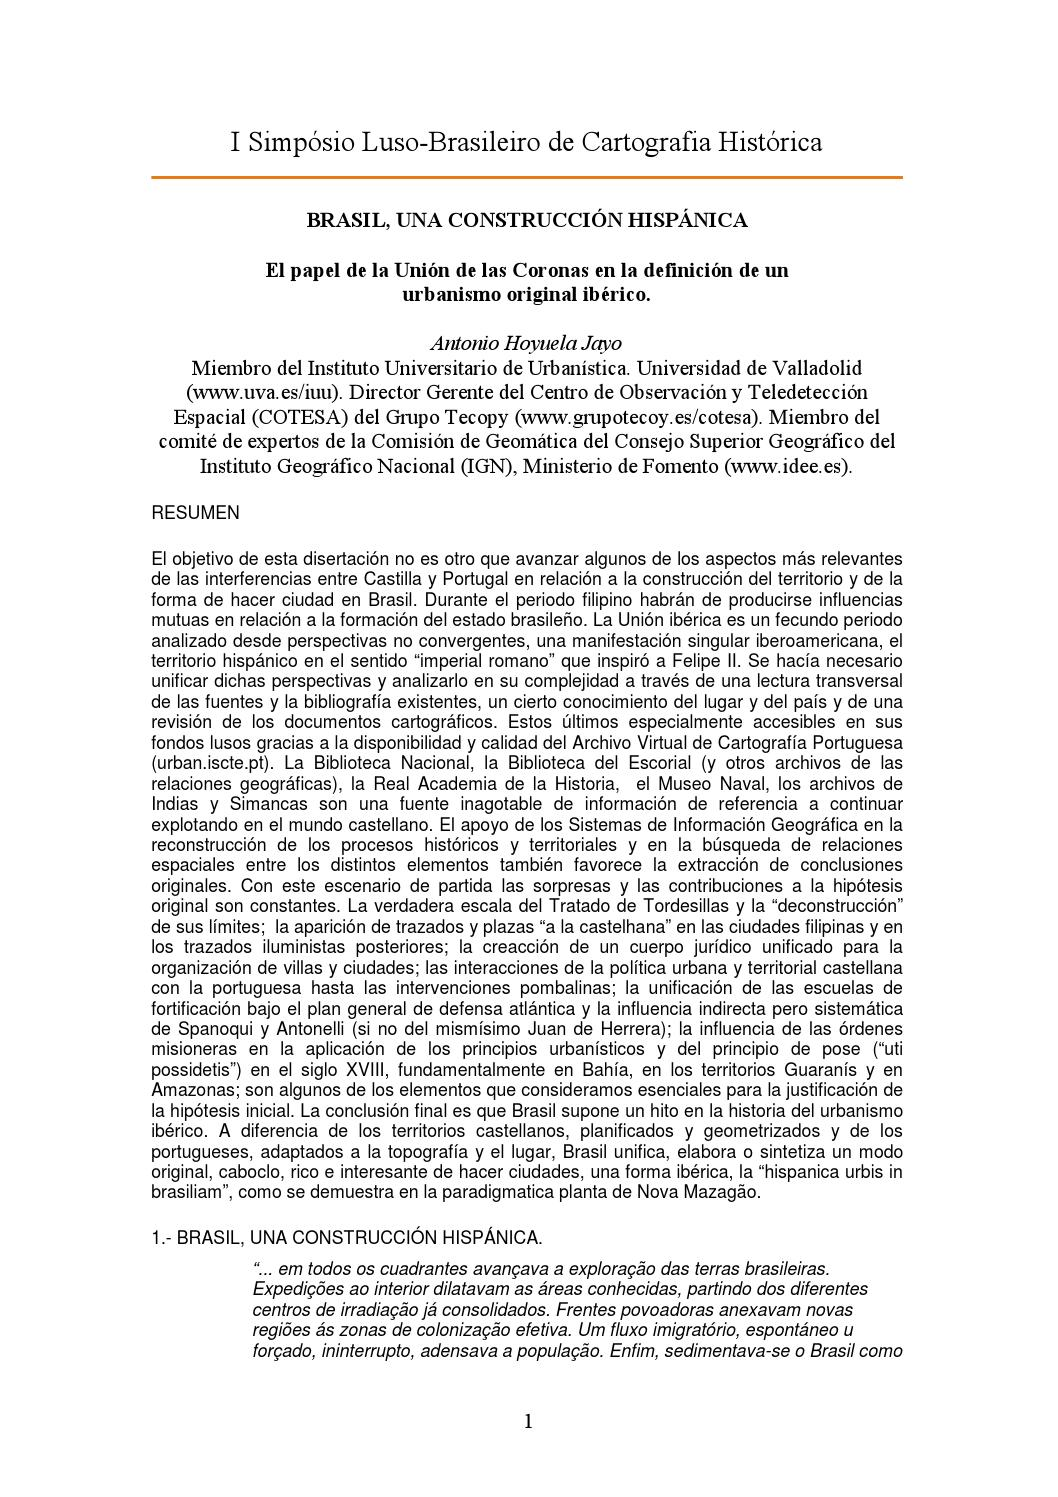 Brasil como construcción hispanica riodejaneiro by José Antonio ...